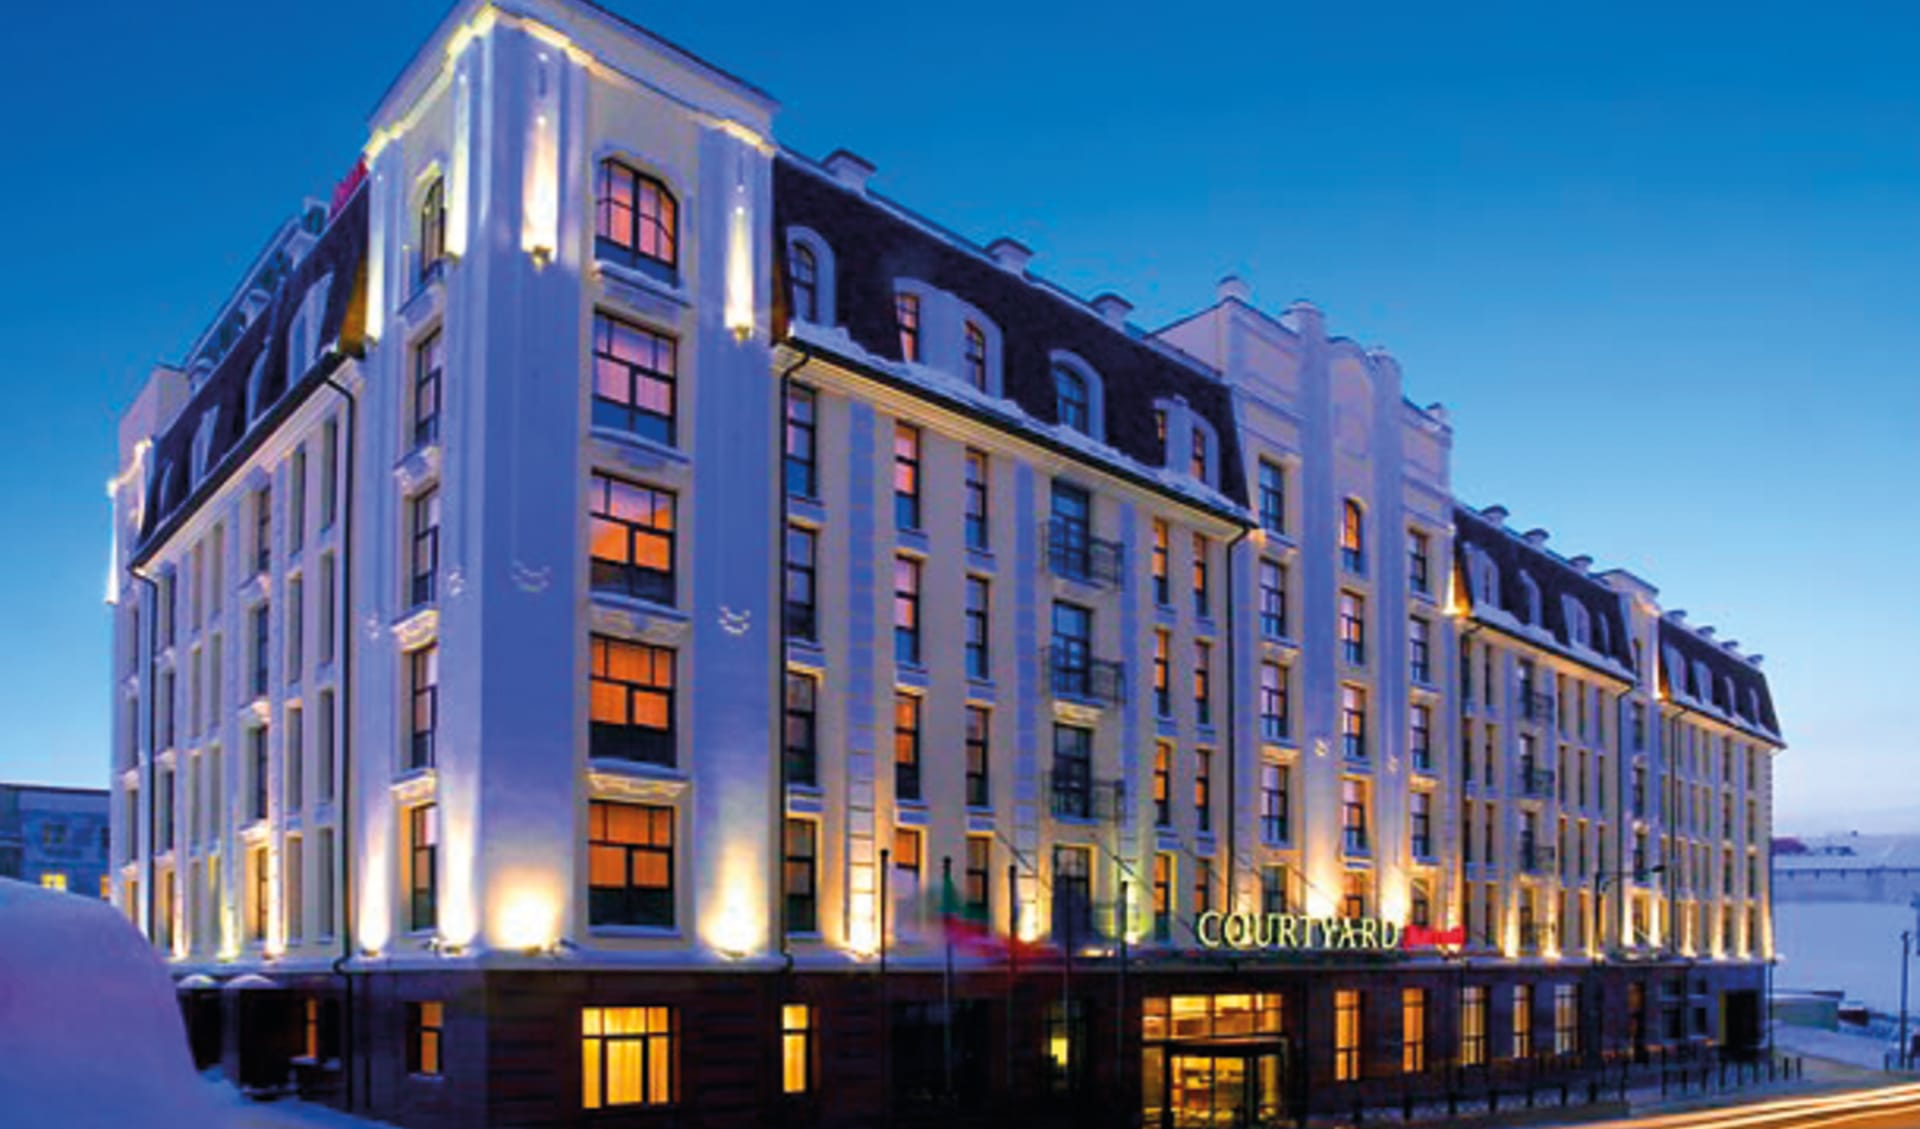 Courtyard by Marriott Hotel Kazan Kremlin in Kasan:  Kasan Courtyard Marriott